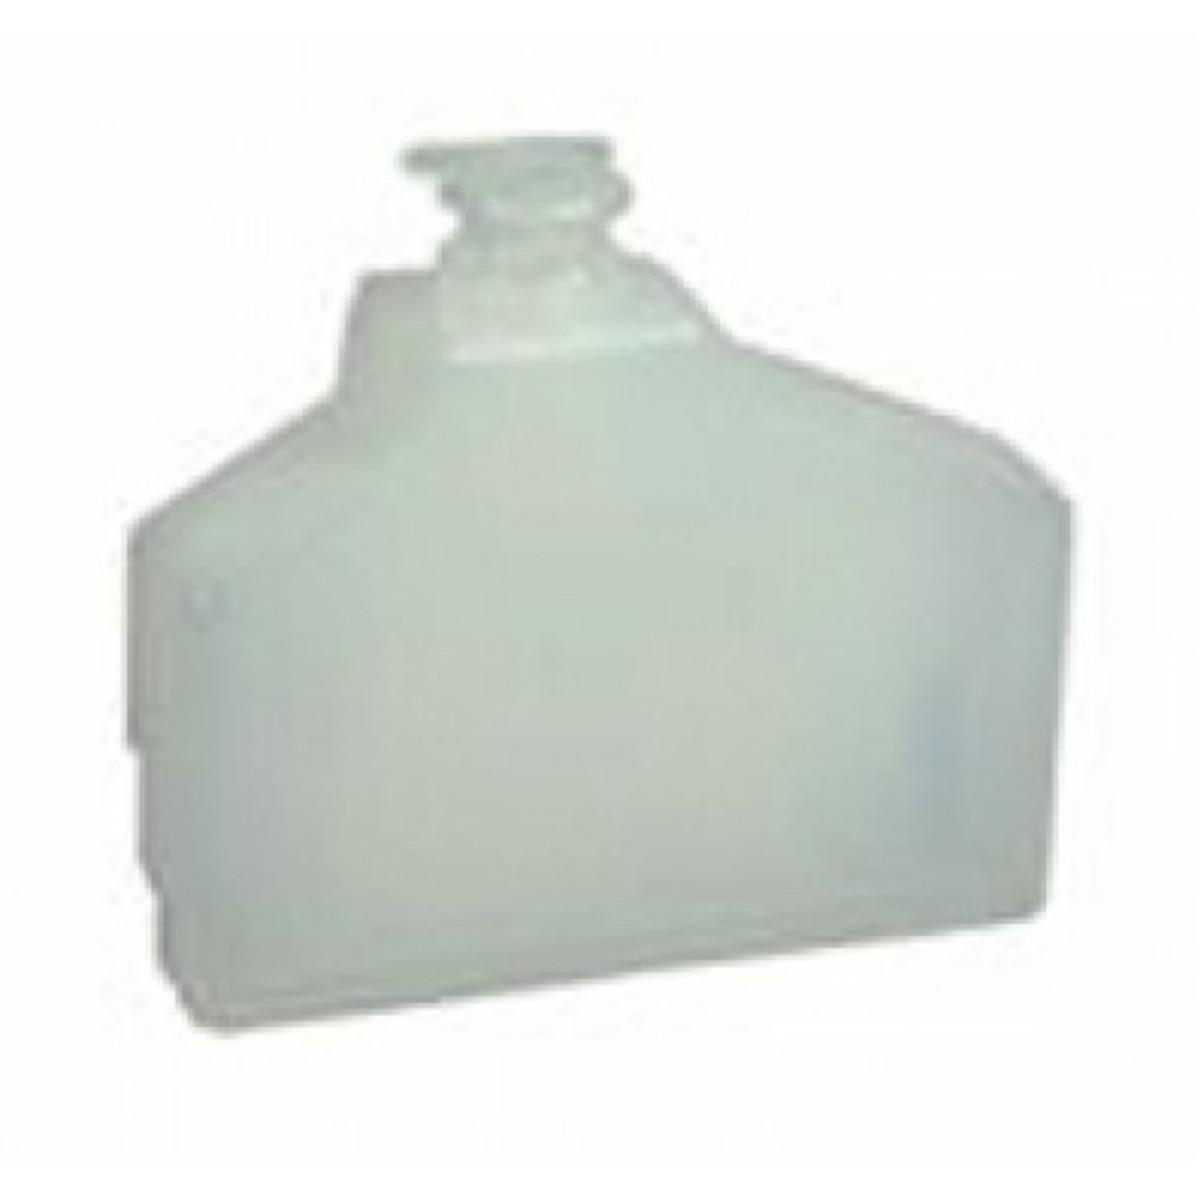 Kyocera (TB-60) Waste toner bottle